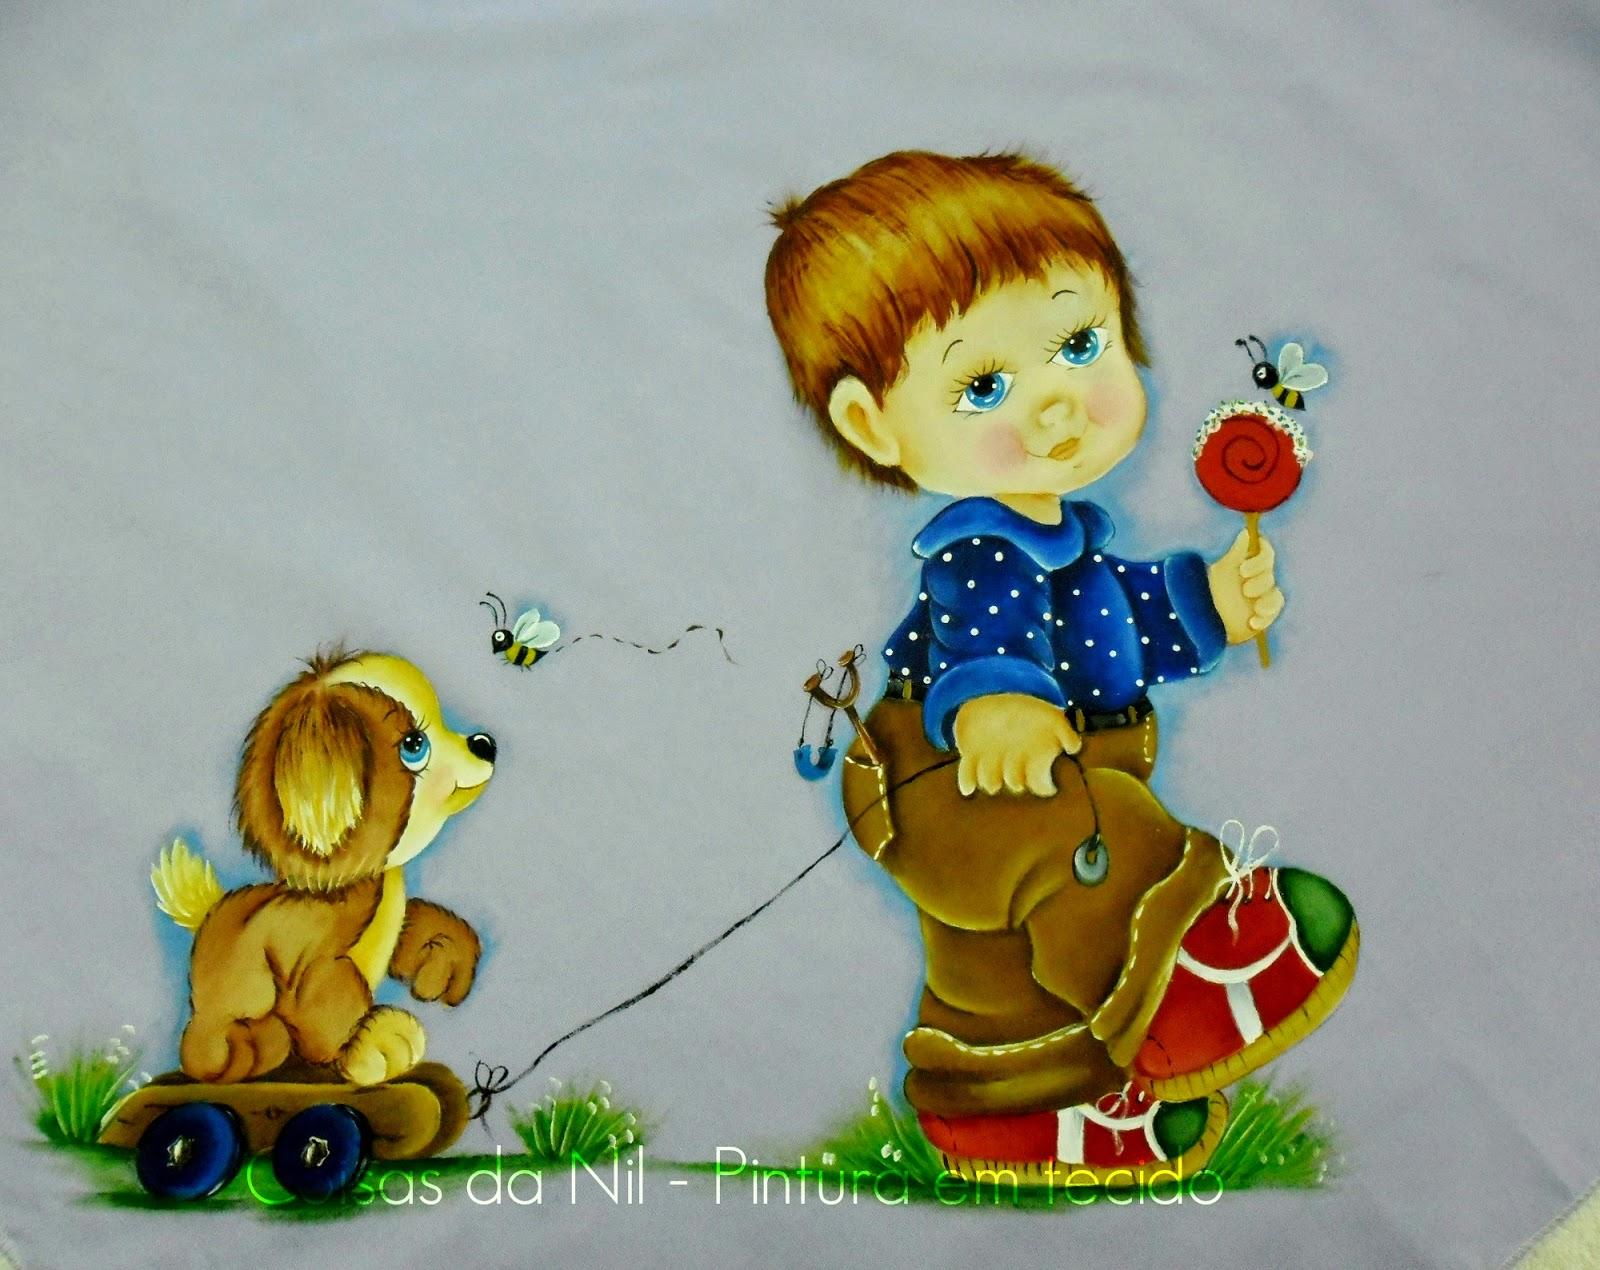 pintura em tecido manta com menino chupando pirulito enquanto puxa carrinho com cachorro